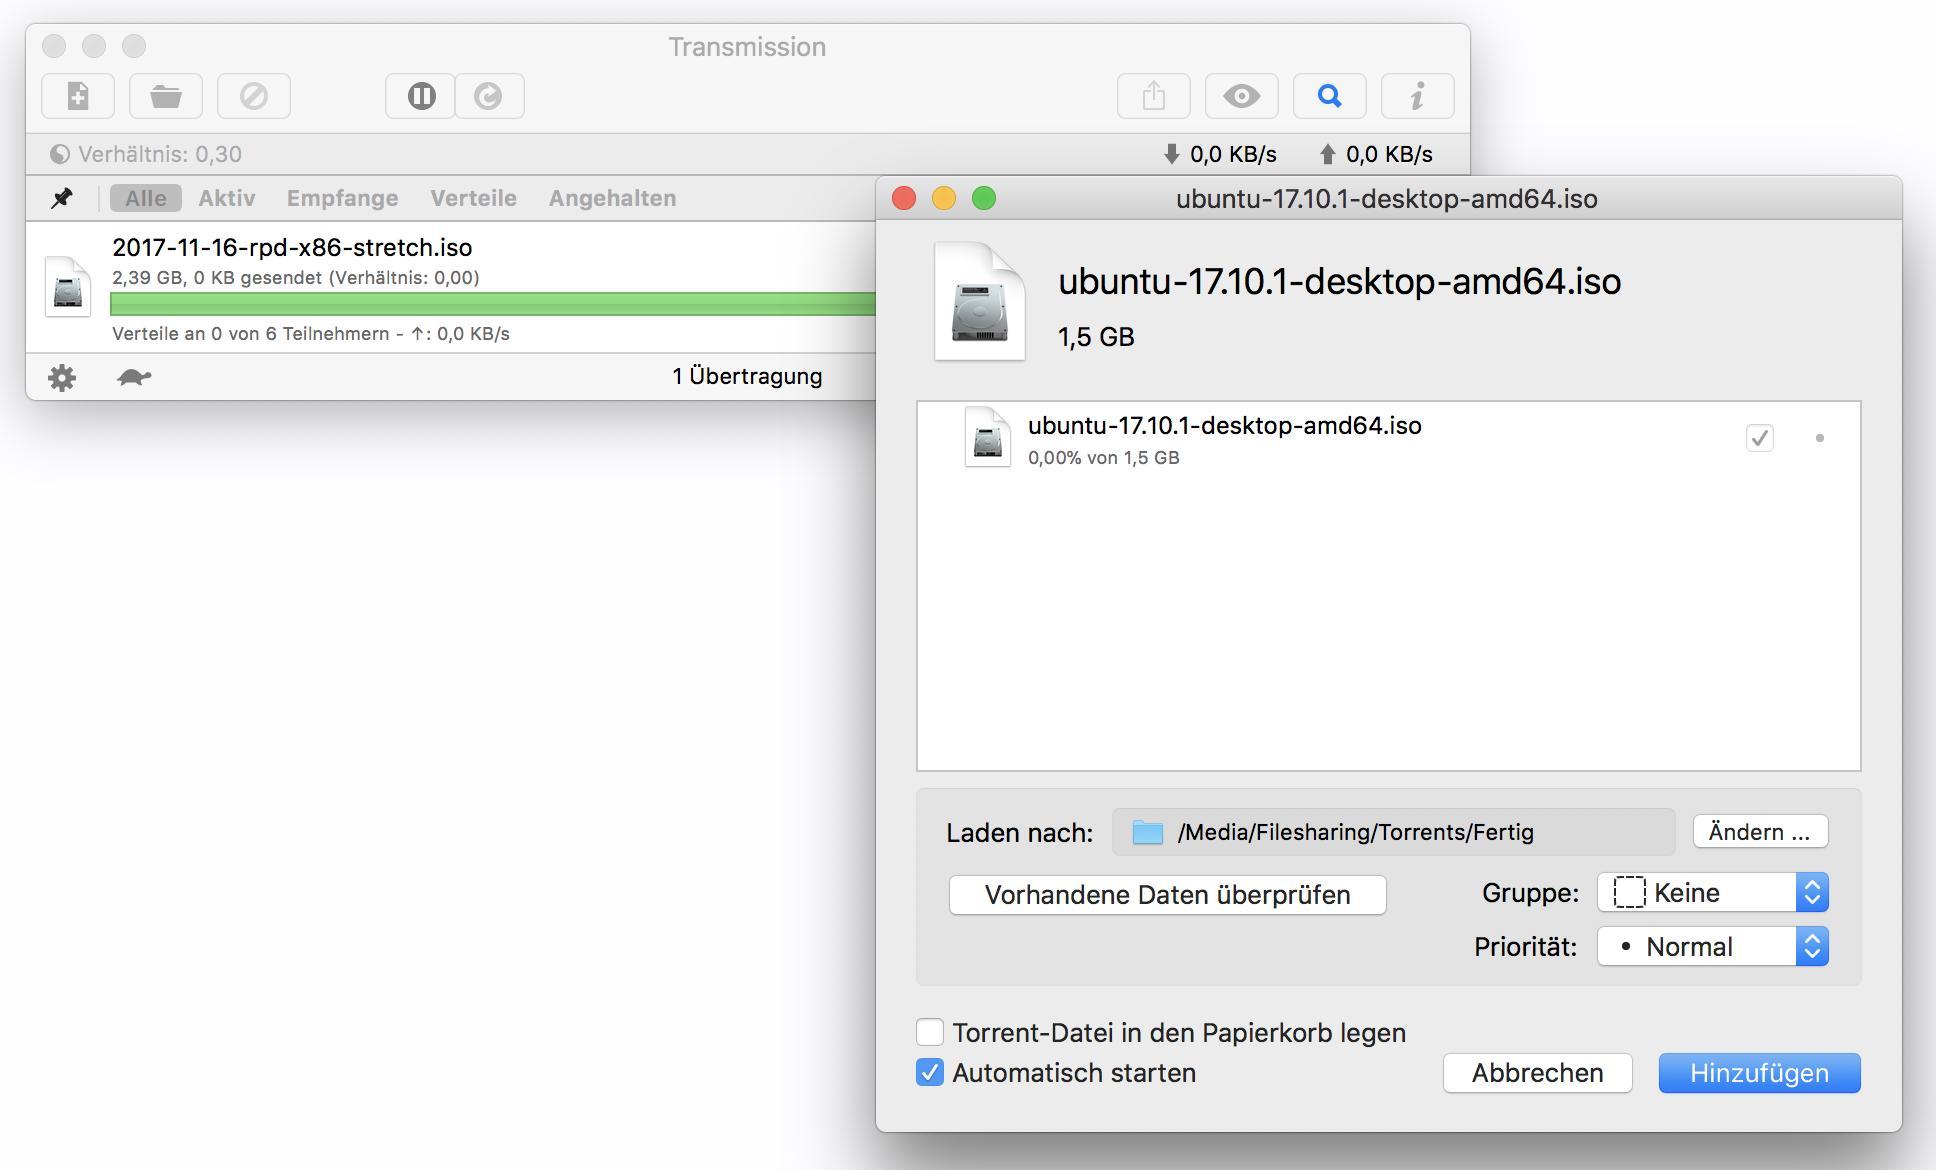 Mit einem Klick übernehmt Ihr den Torrent in die Download-Liste.